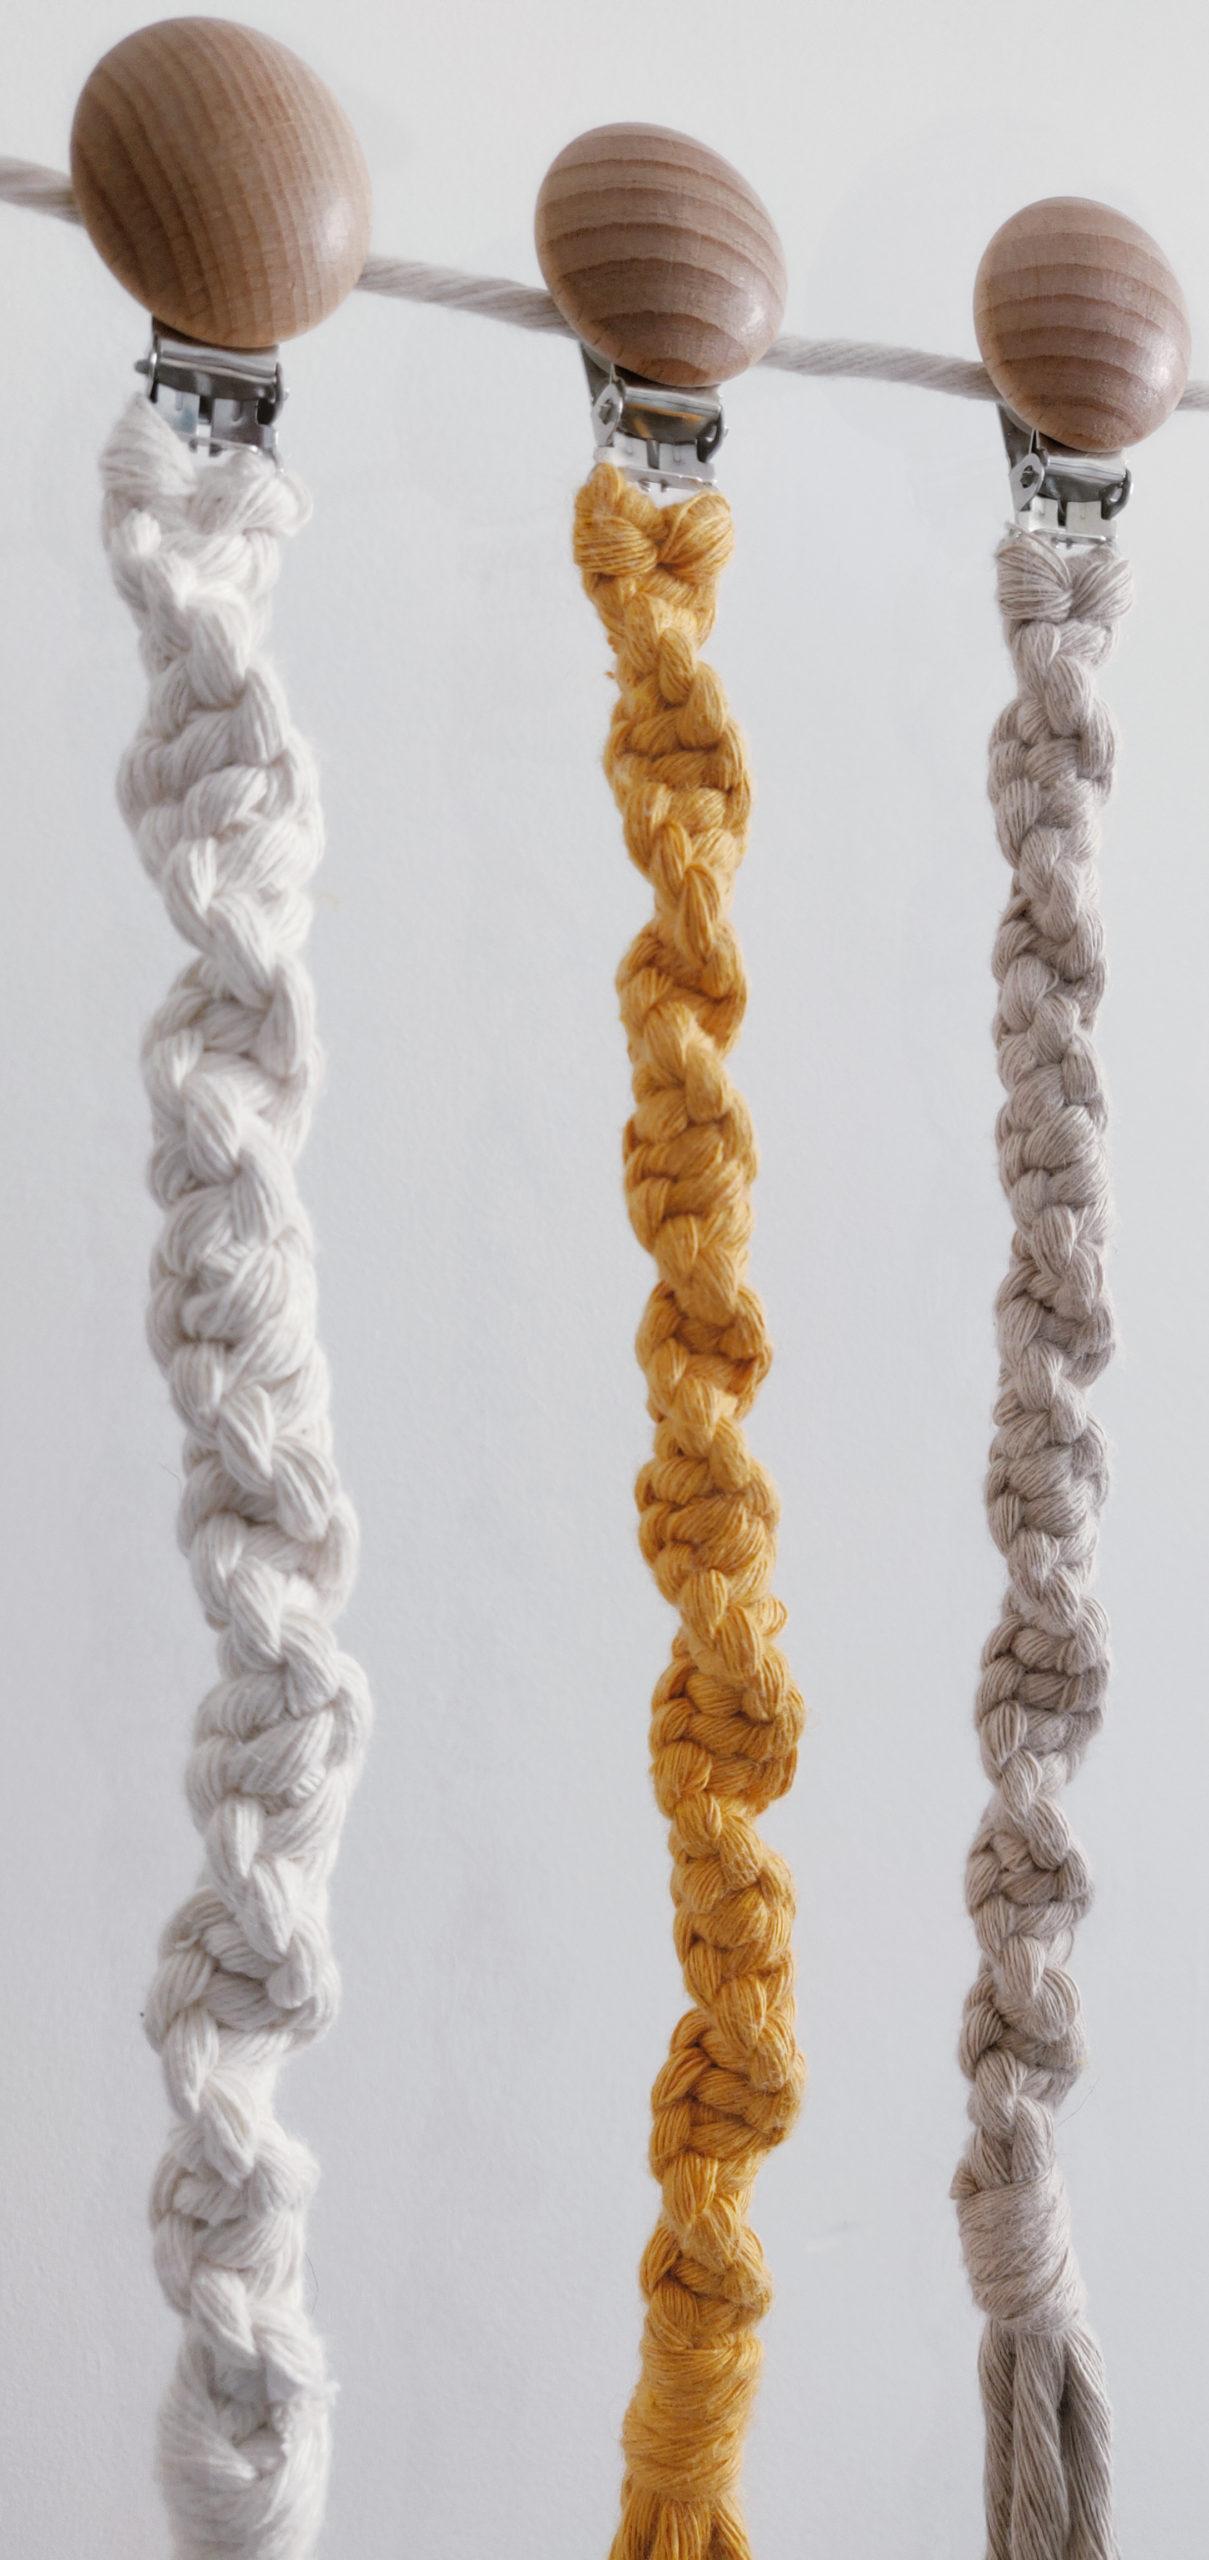 Chupeteros de macramé hechos a mano en algodçon ecológico de color crudo, mostaza, rustic y rosa amanecer